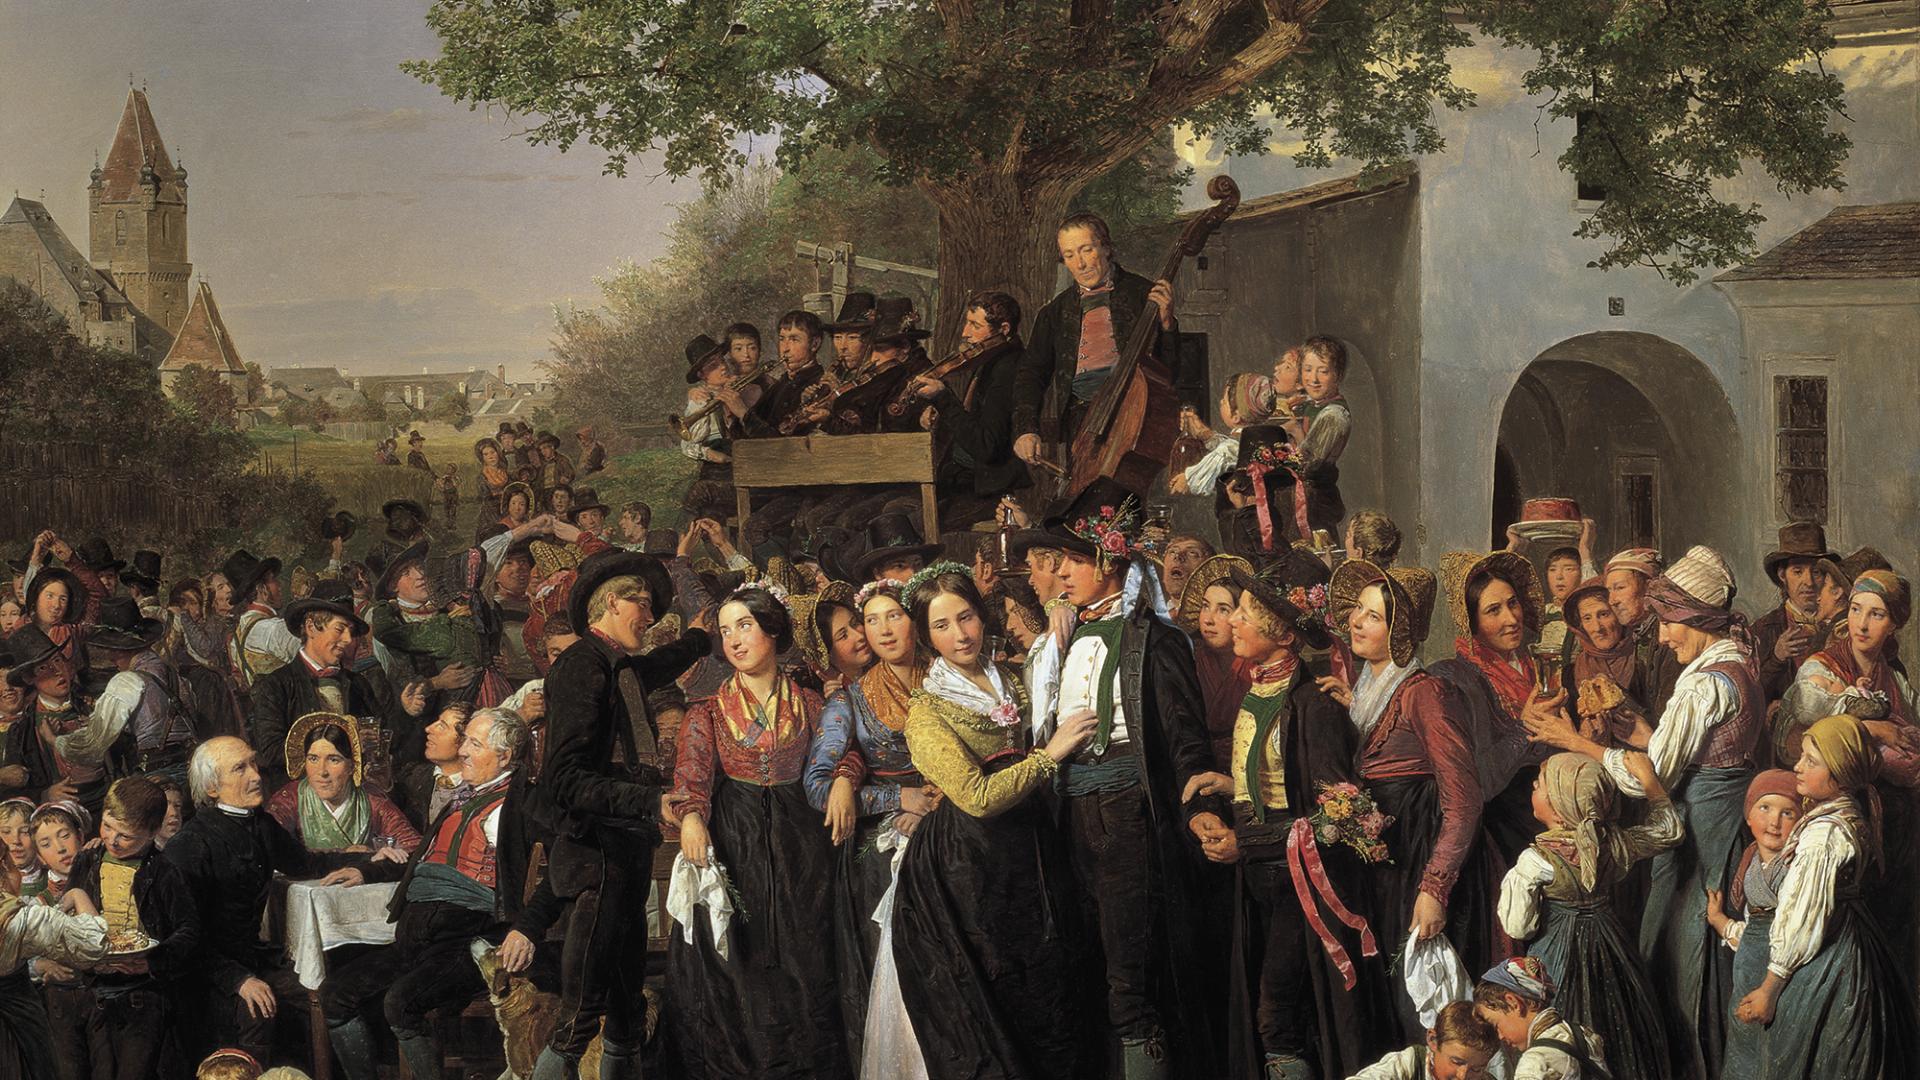 waldmueller bild mit hoeldrichsmuehle - niederösterreichse bauernhochzeit